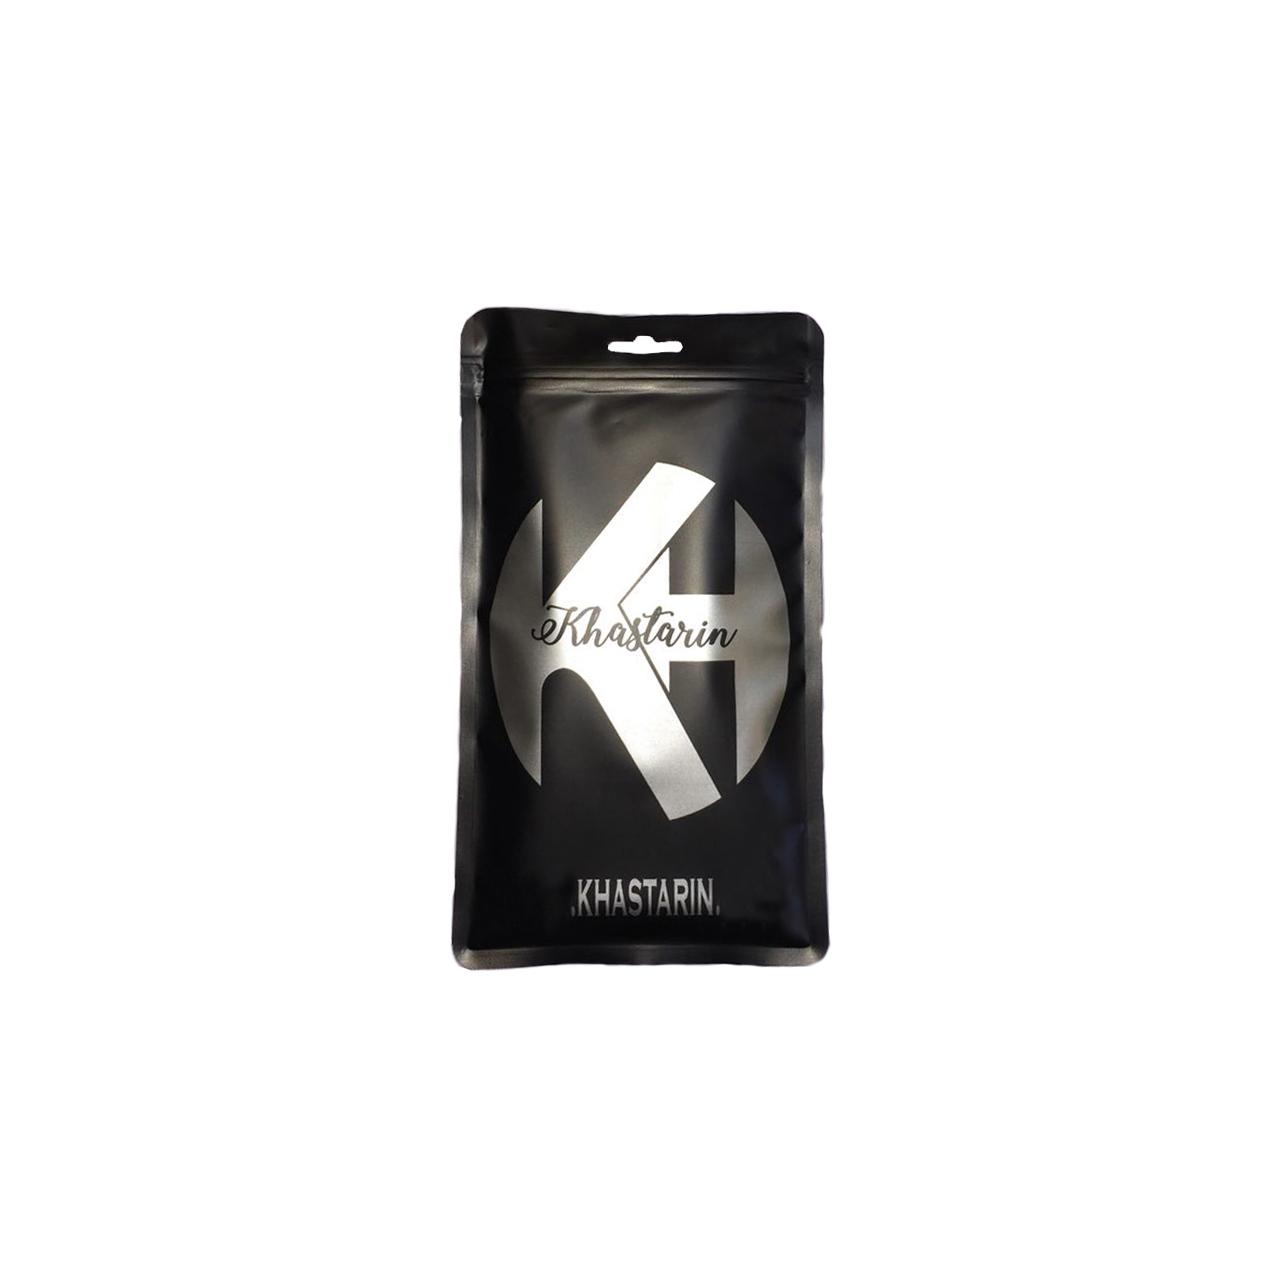 کاور کی اچ کد C19 مناسب برای گوشی موبایل سامسونگ galaxy S9 Plus